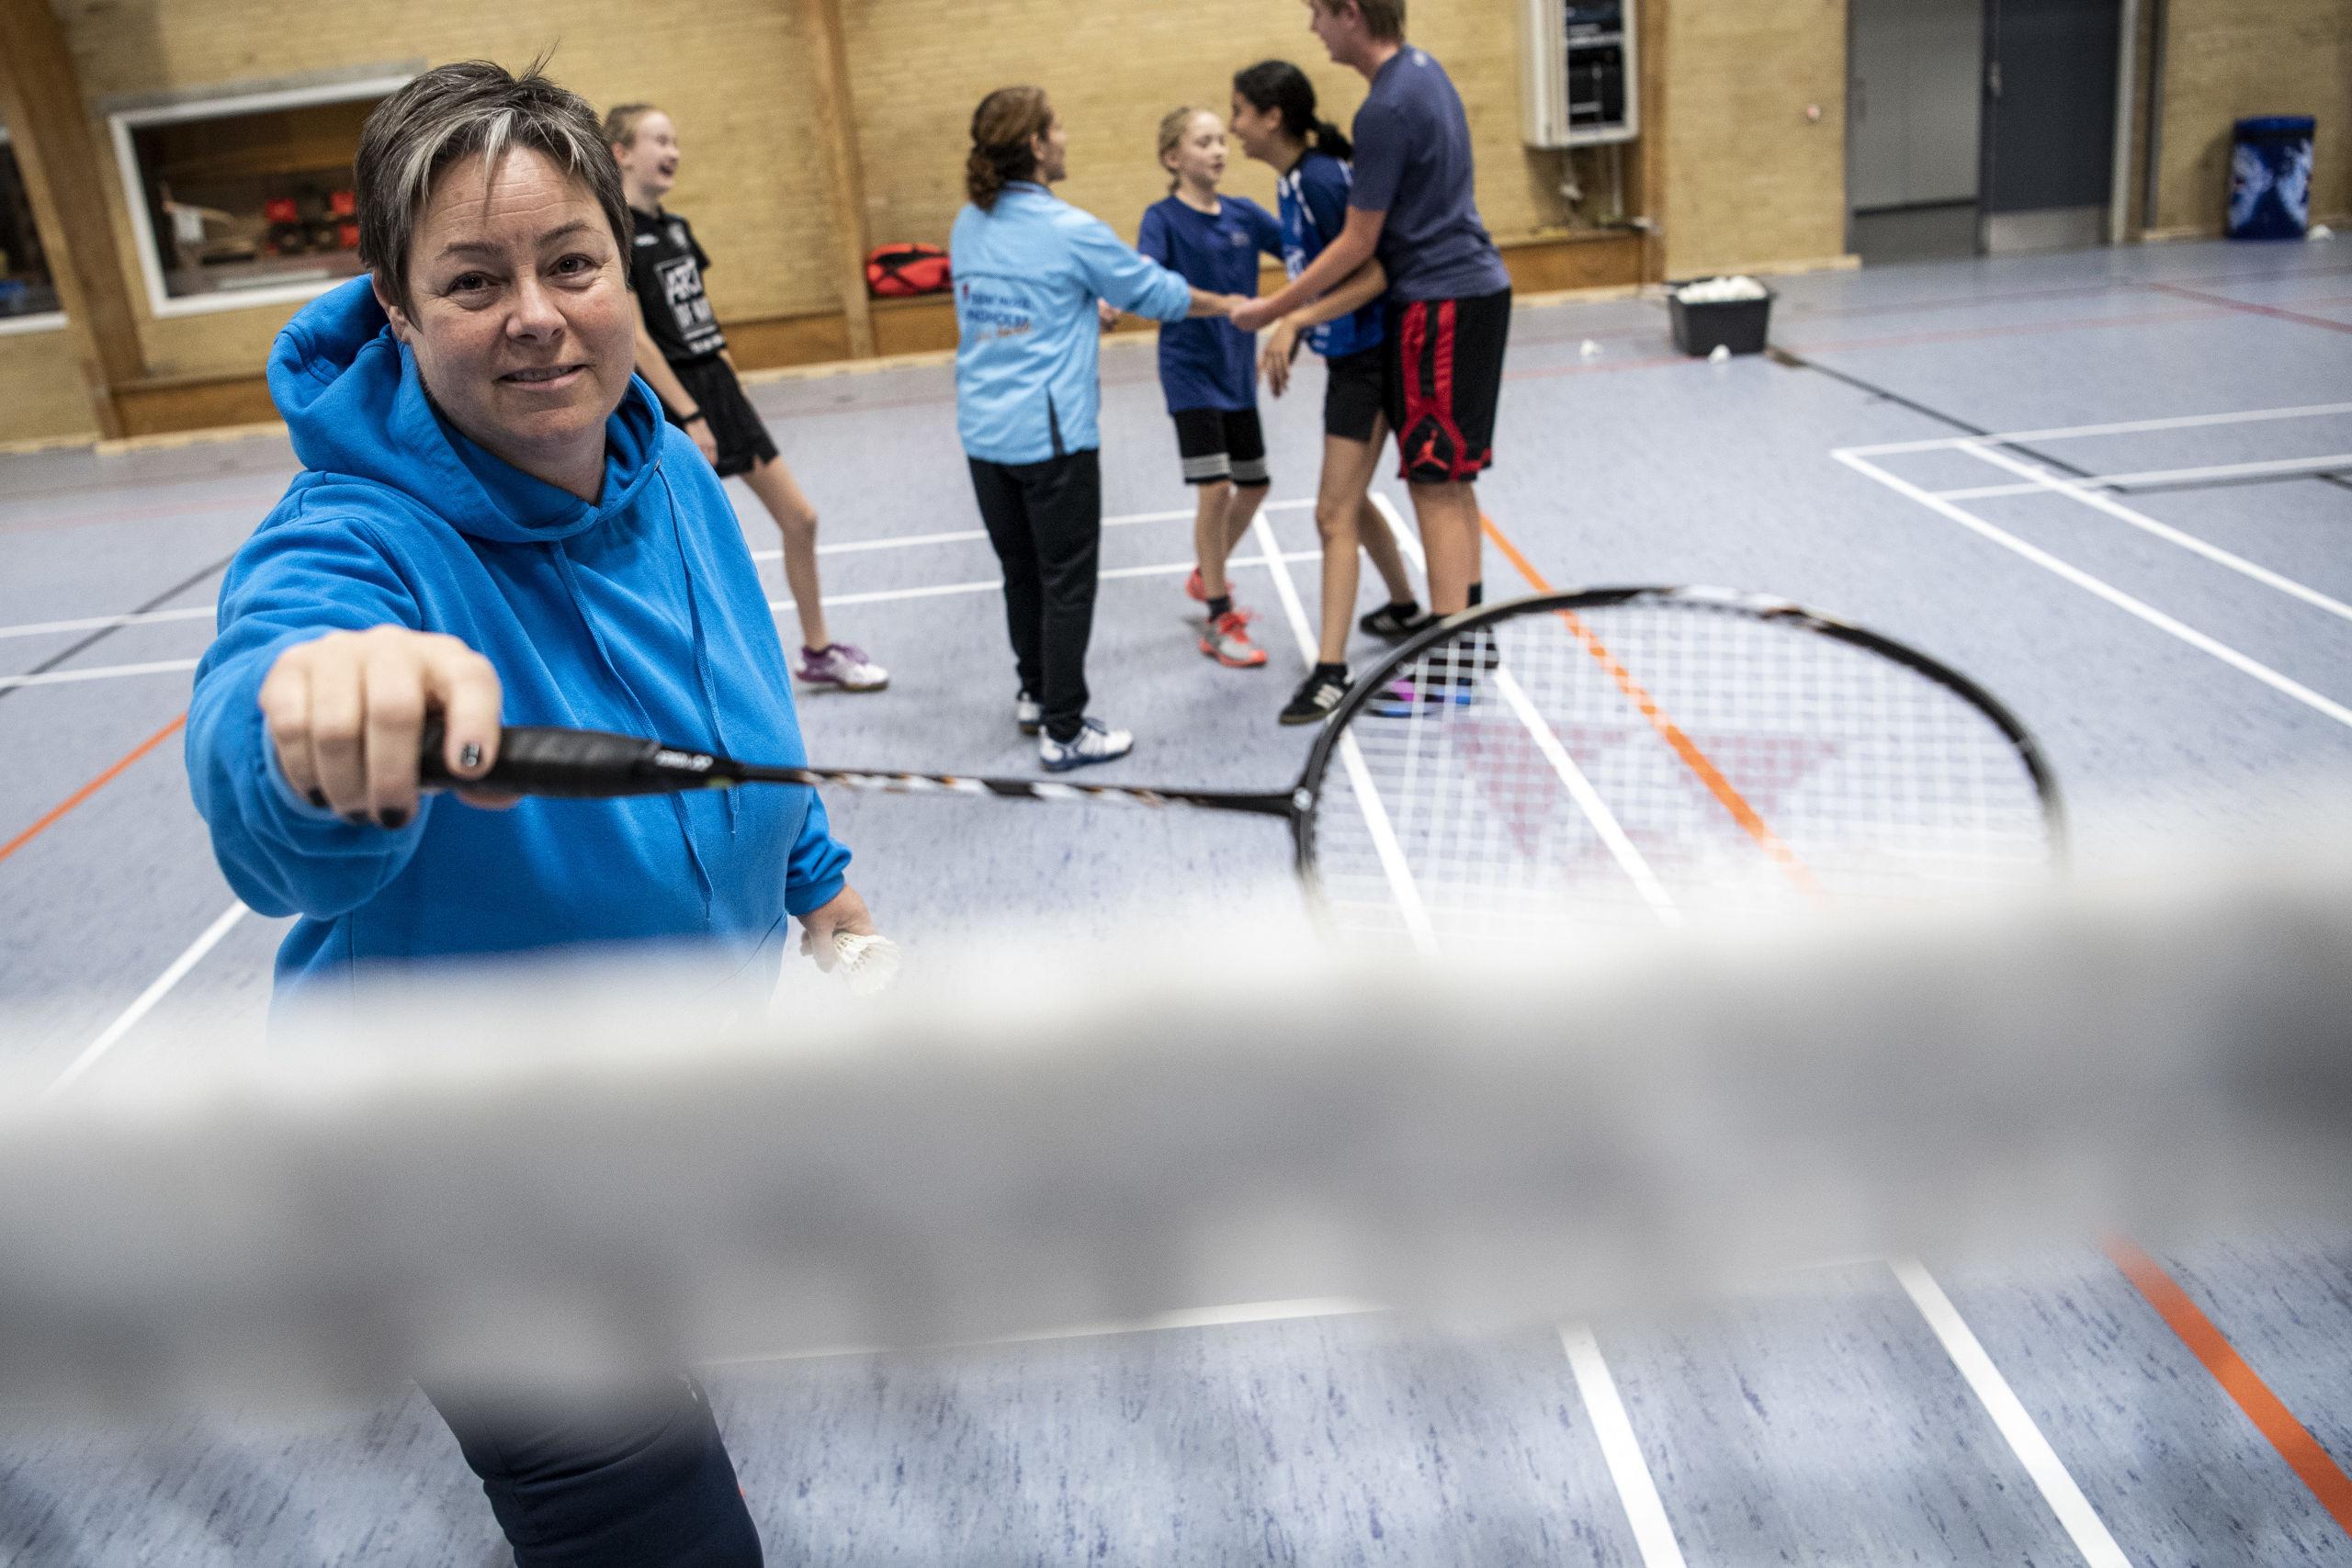 Gitte Paulsen er frivillig i Lindholm Badmintonklub og hun er indstillet til DRs Energibundt pris, der løber af stablen 5. januar. Foto: Andreas Falck